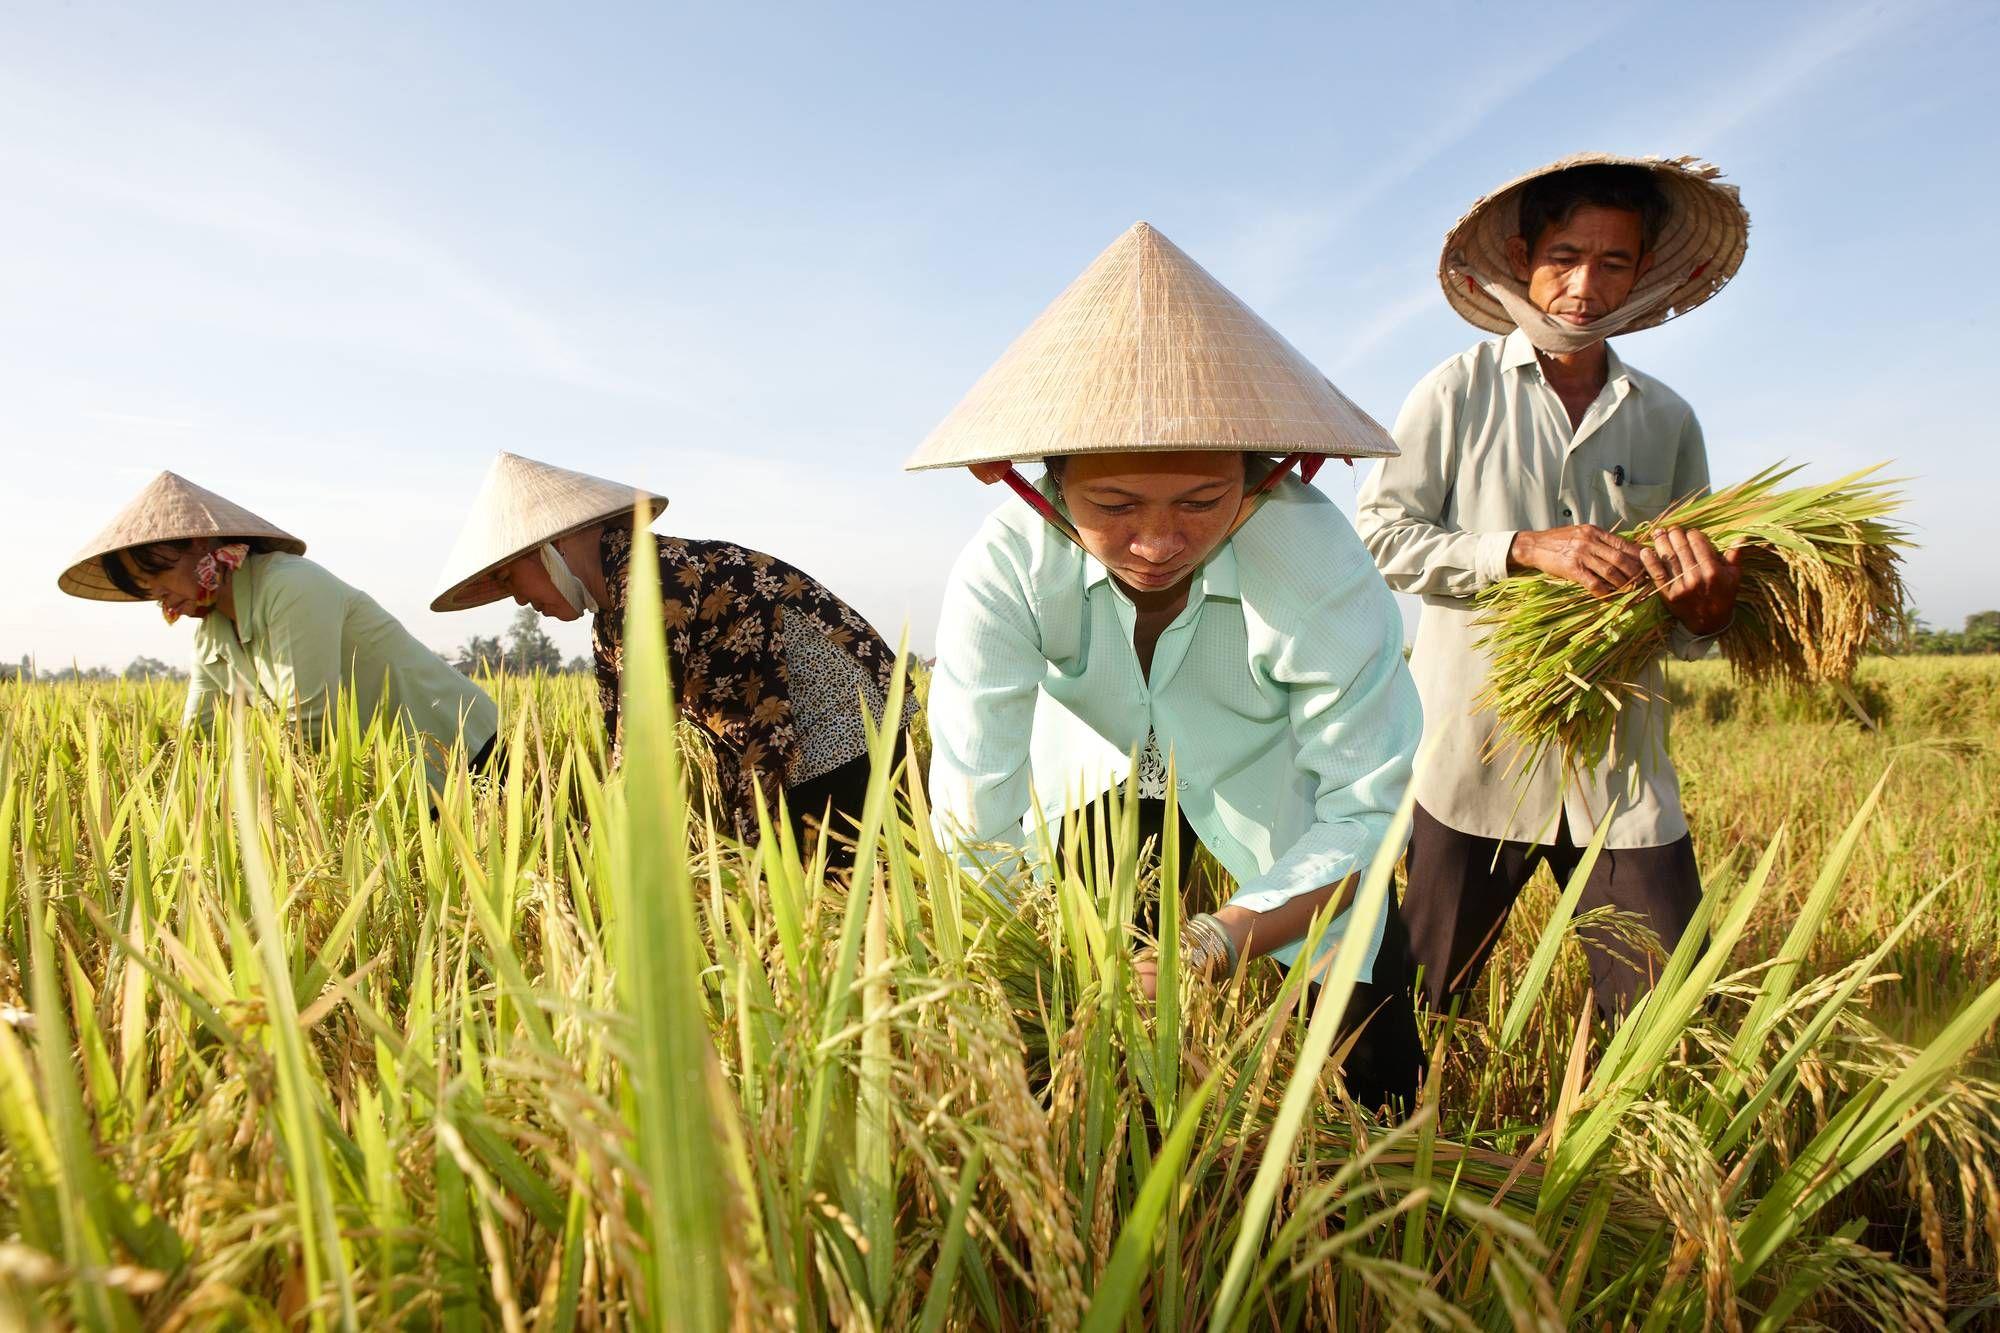 Top 10 thị trường xuất khẩu gạo Việt Nam được giá nhất 5 tháng đầu năm 2020 - Ảnh 1.